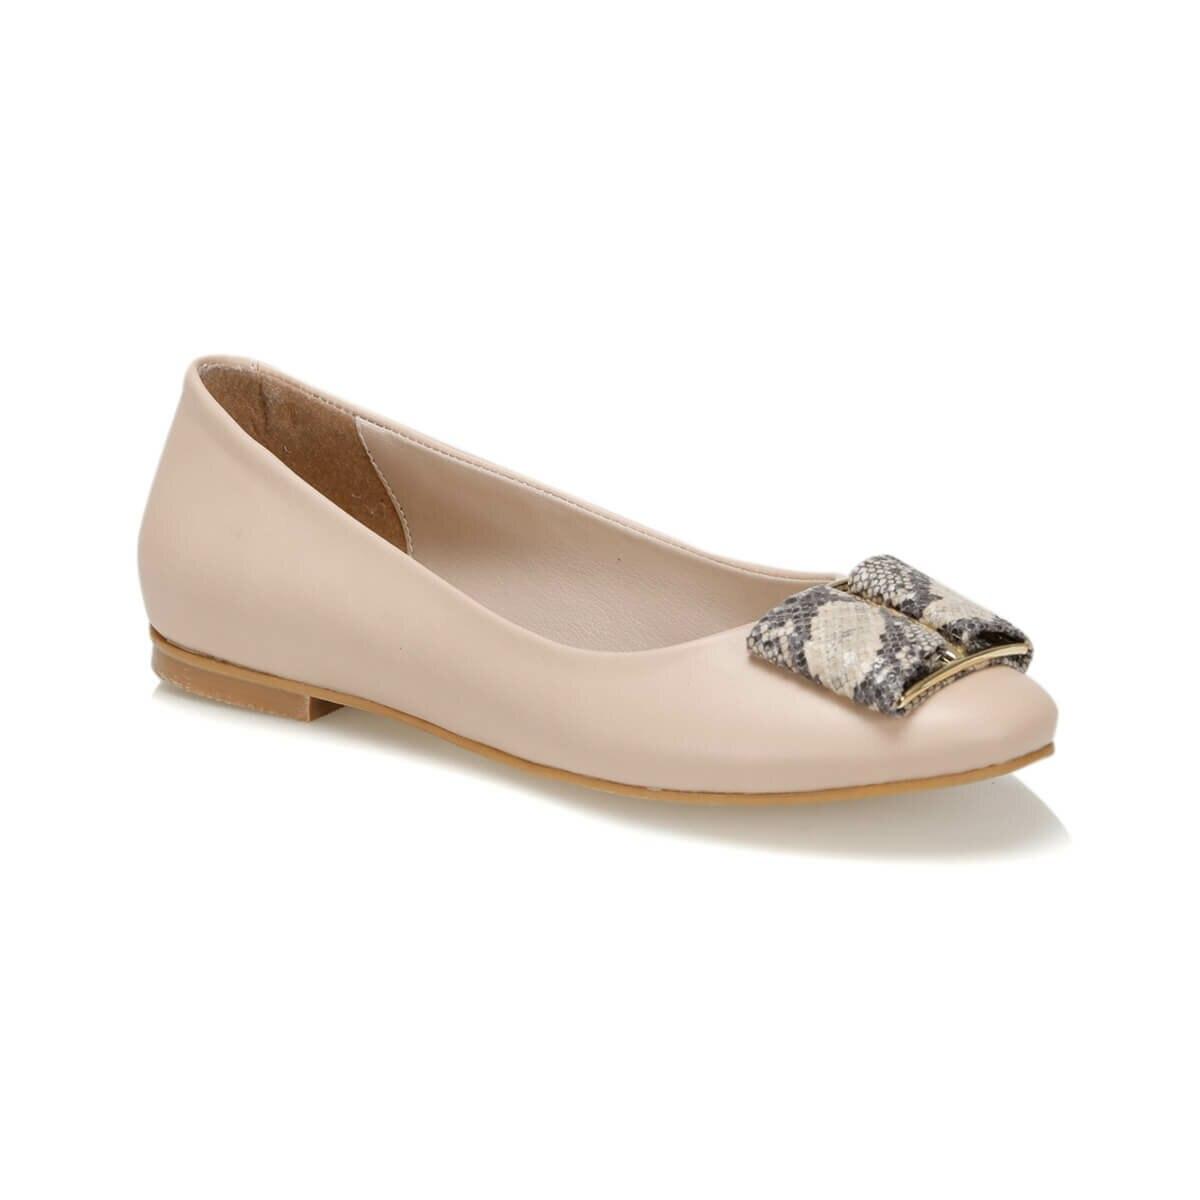 FLO 19S-203 Beige Women Gova Shoes BUTIGO